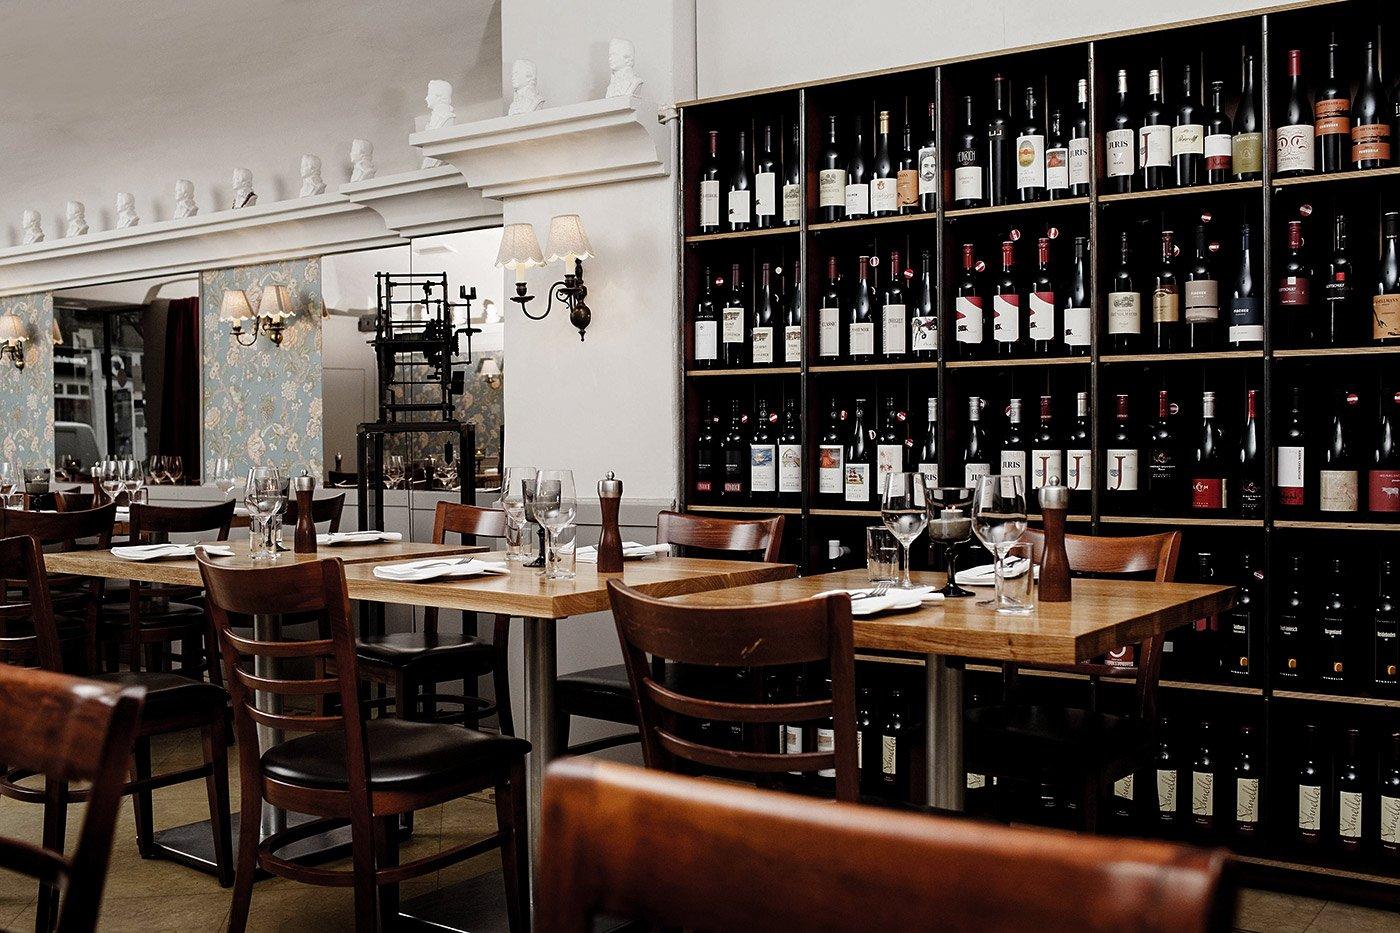 ottenthal-restaurant-berlin